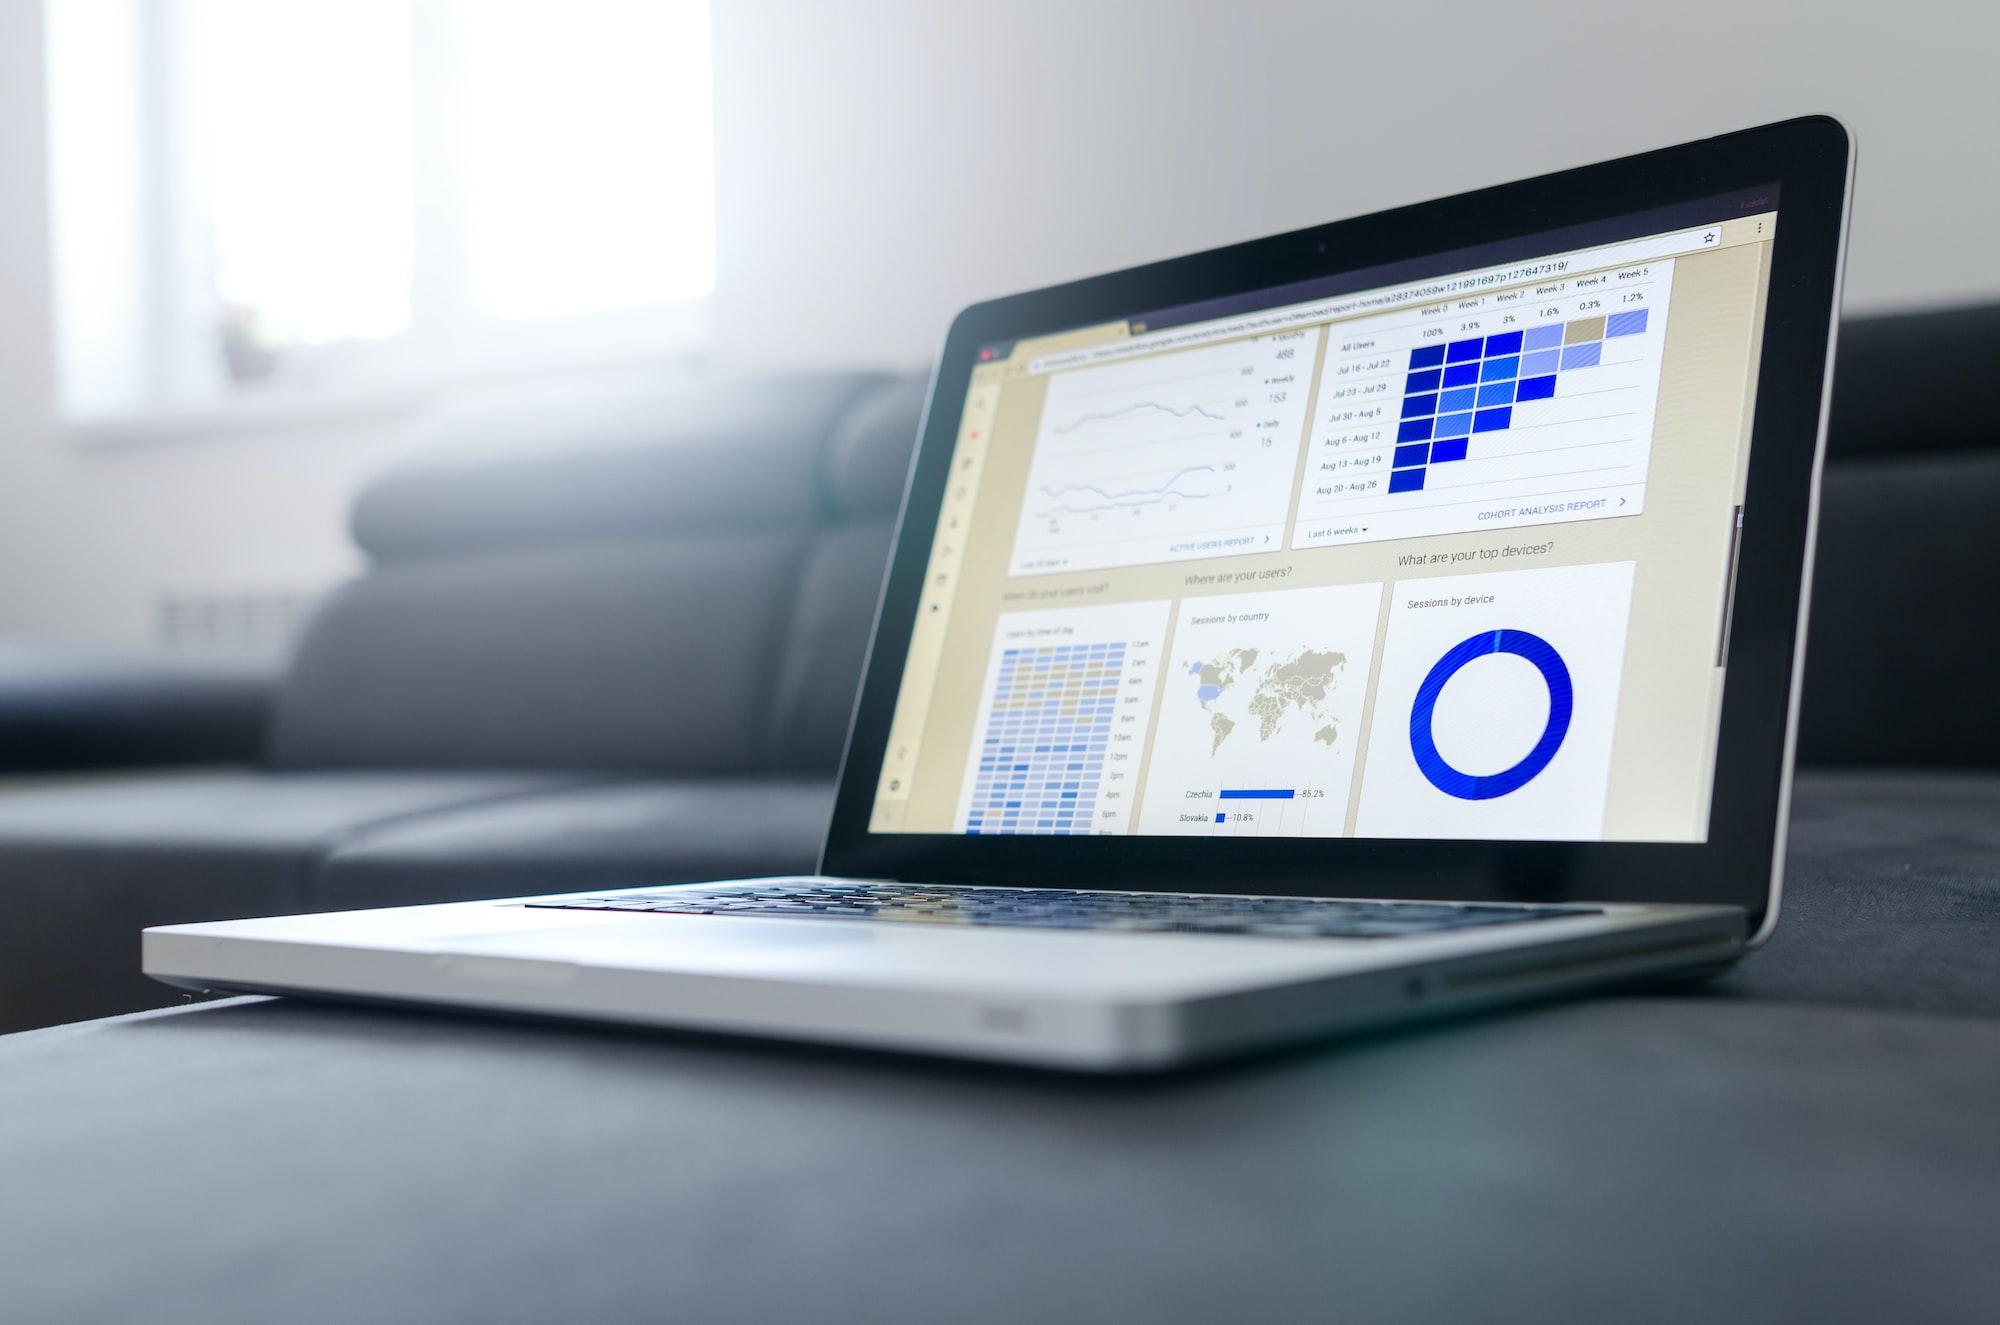 Notebook com tela exemplificando um painel inteligente, com diversos gráficos de formatos diferentes, todos com escalas em tons de azul.